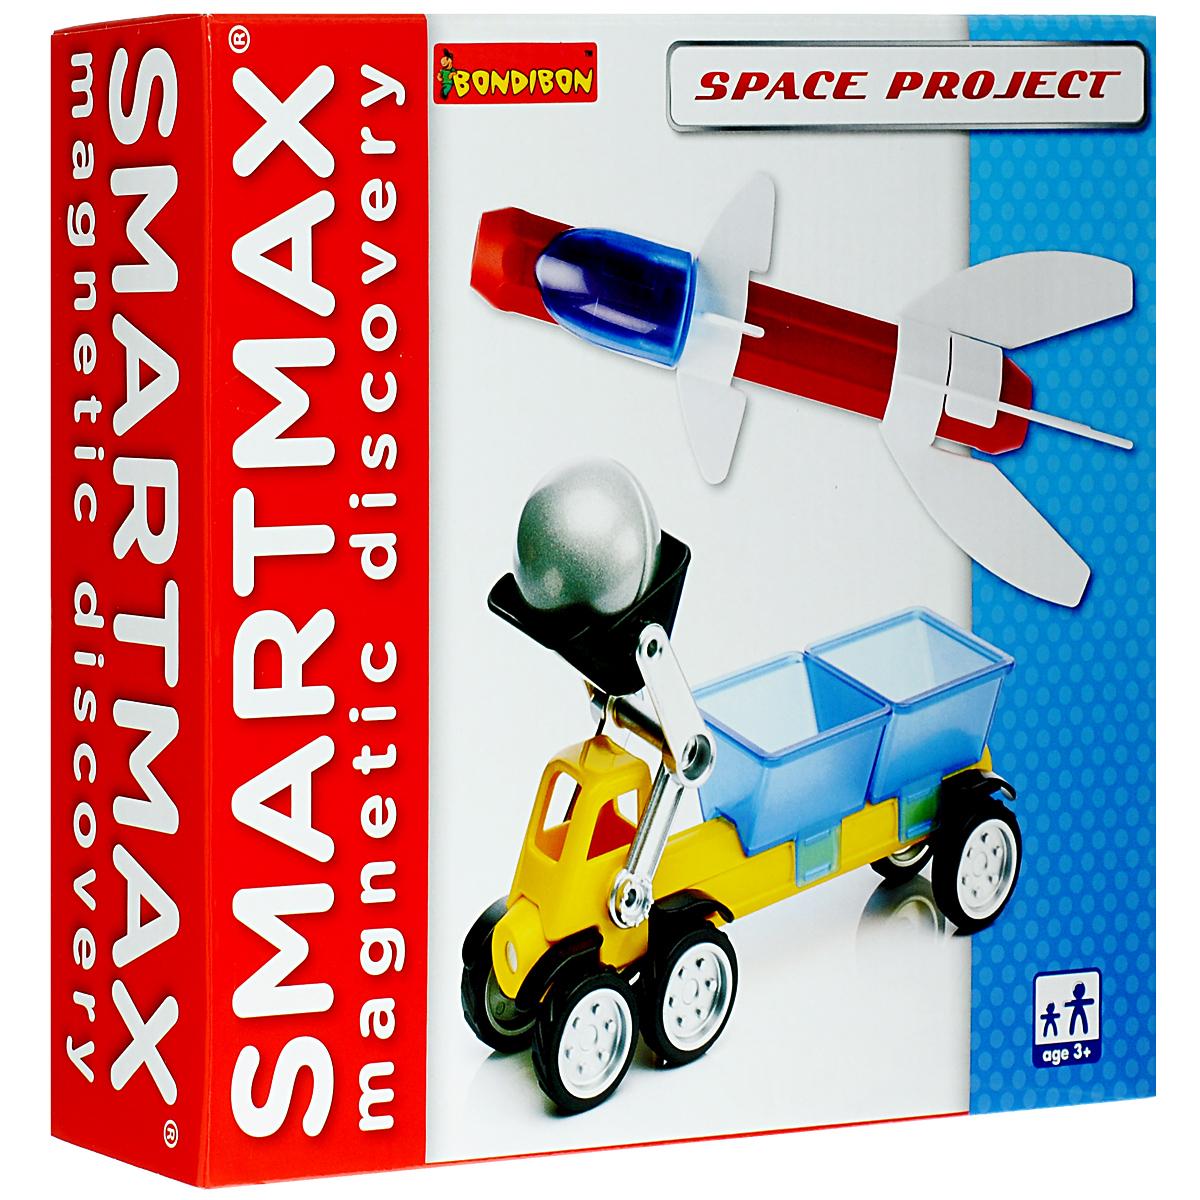 Bondibon Конструктор магнитный Smartmax Космический проект конструкторы bondibon магнитный конструктор smartmax bondibon специальный special набор пикап